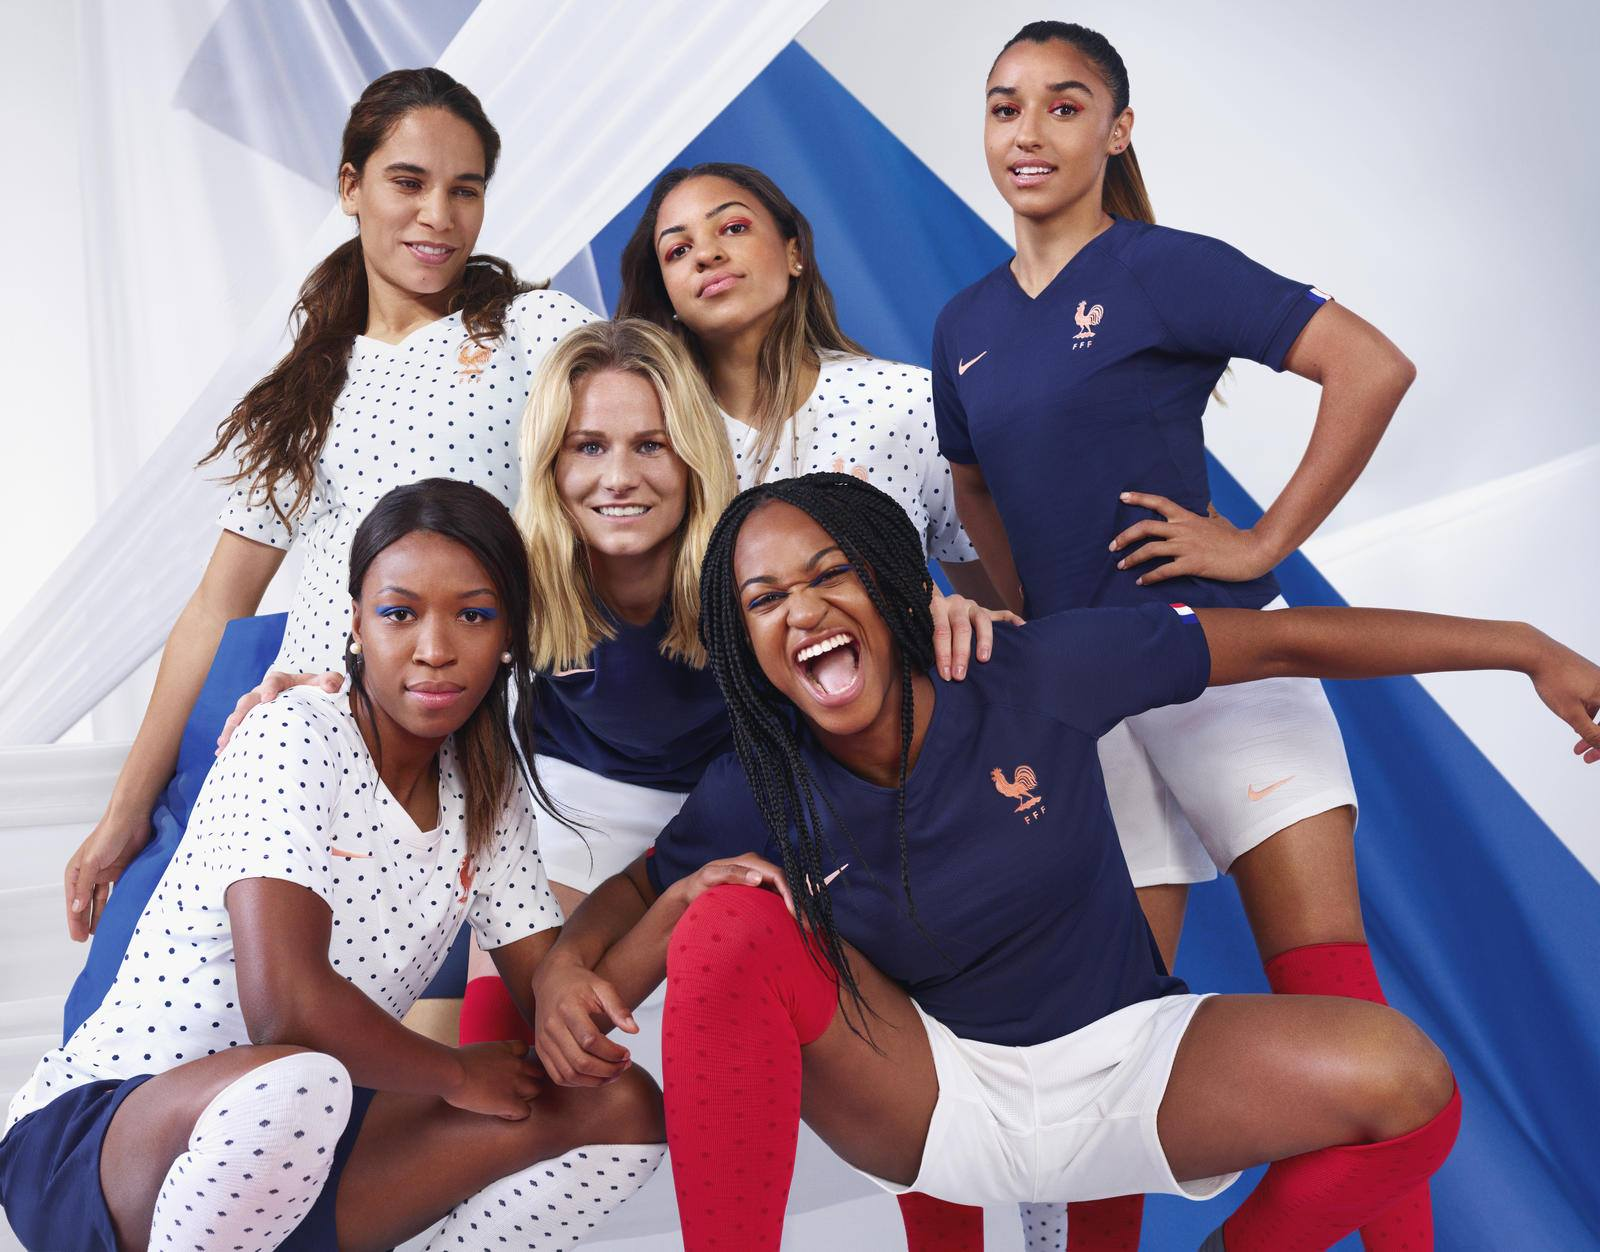 Bleues - La nouvelle tenue pour la Coupe du Monde dévoilée